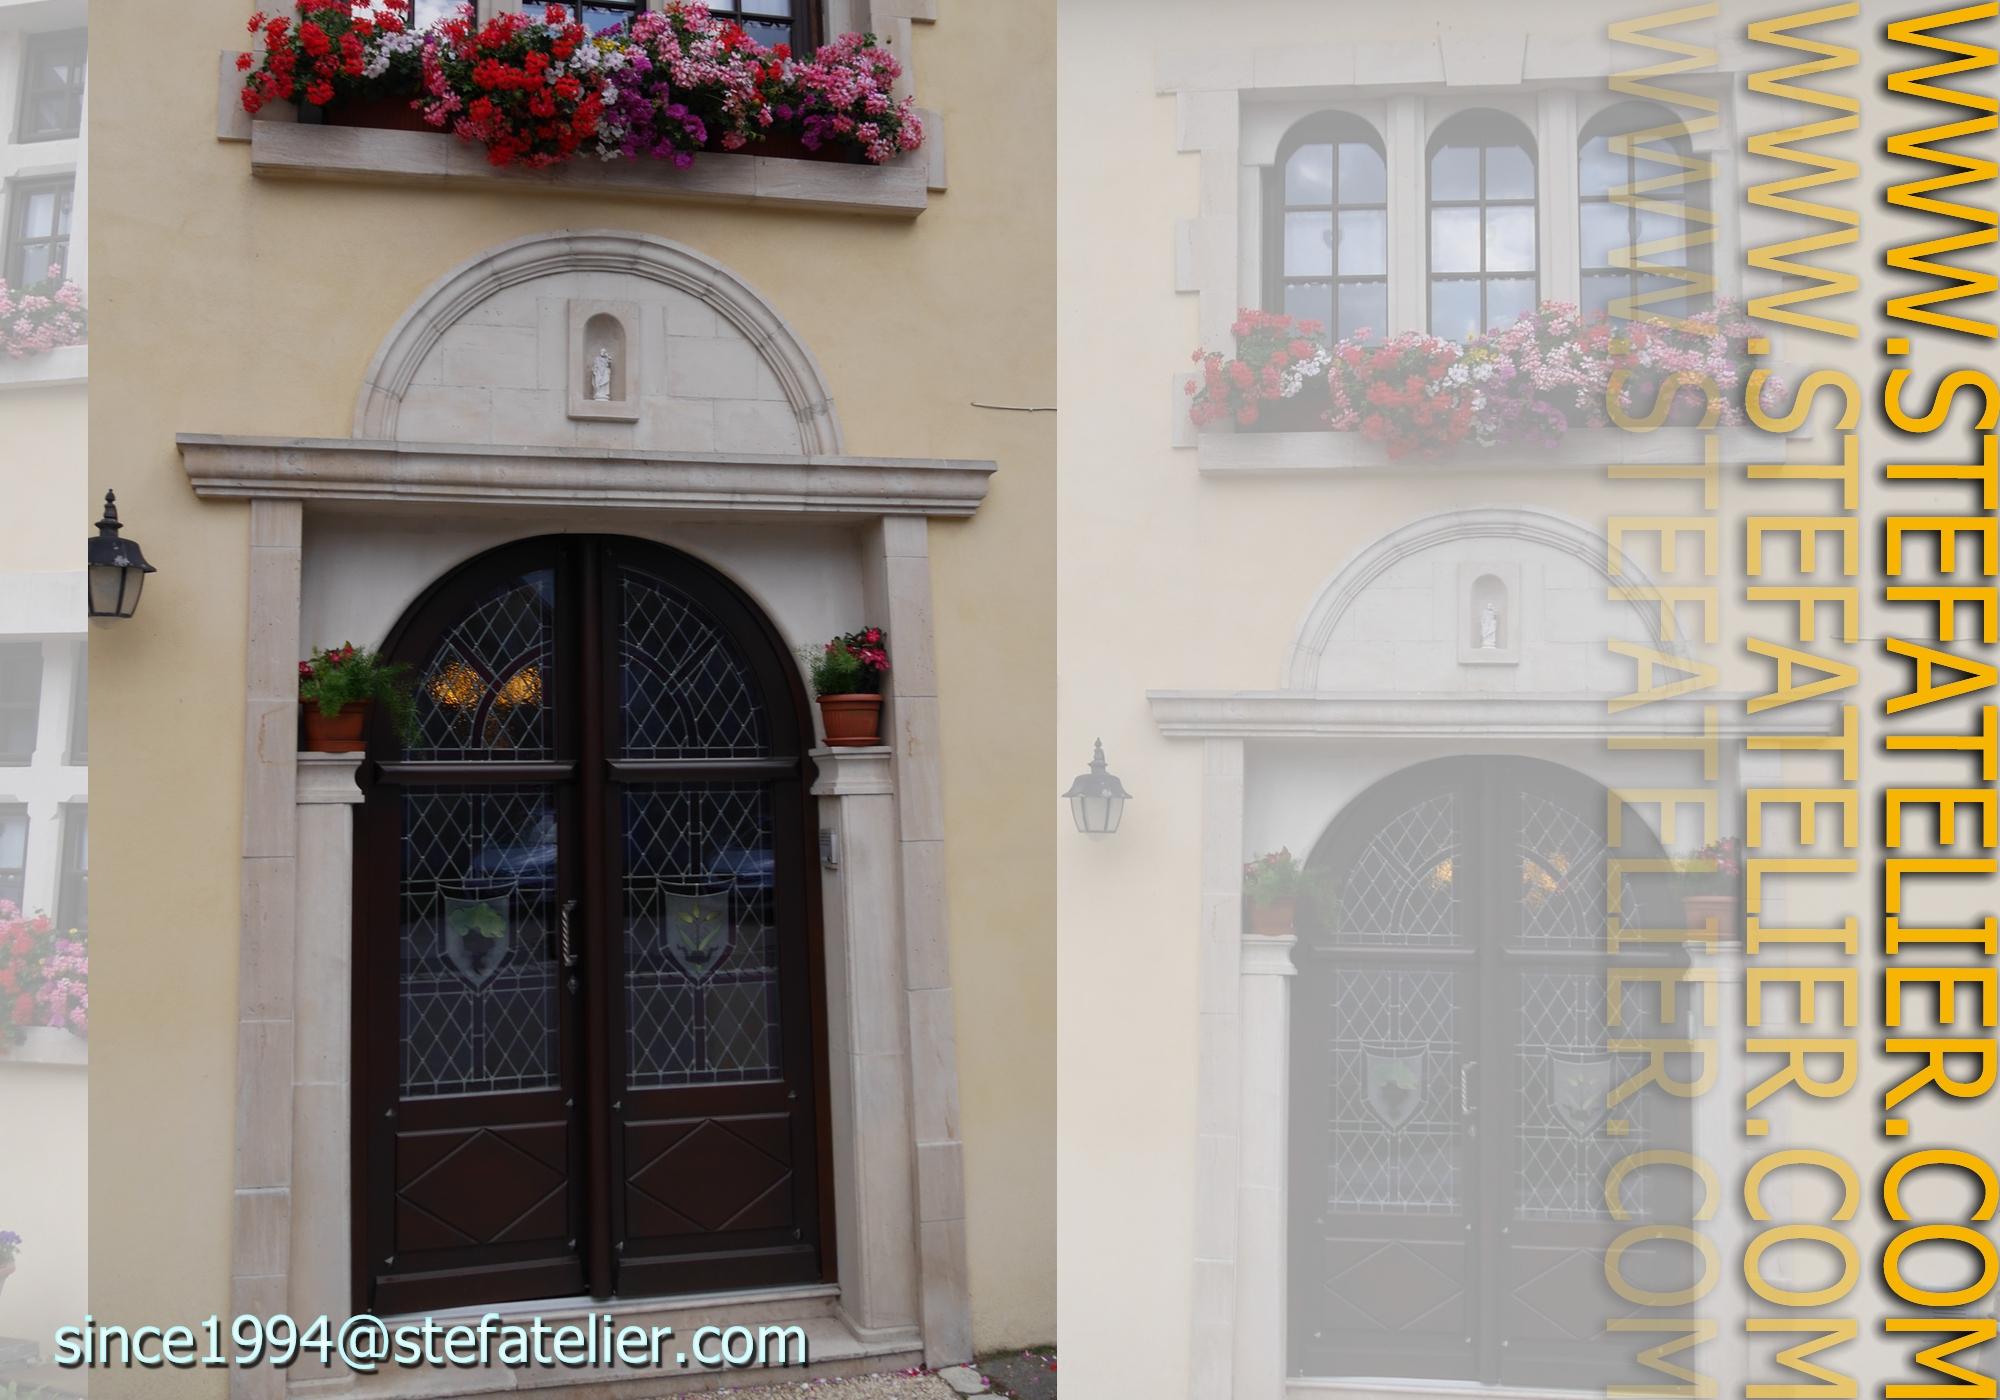 Vitraux de losanges pour porte d entr e stef atelier vitraux d art - Porte d entree avec vitrail ...